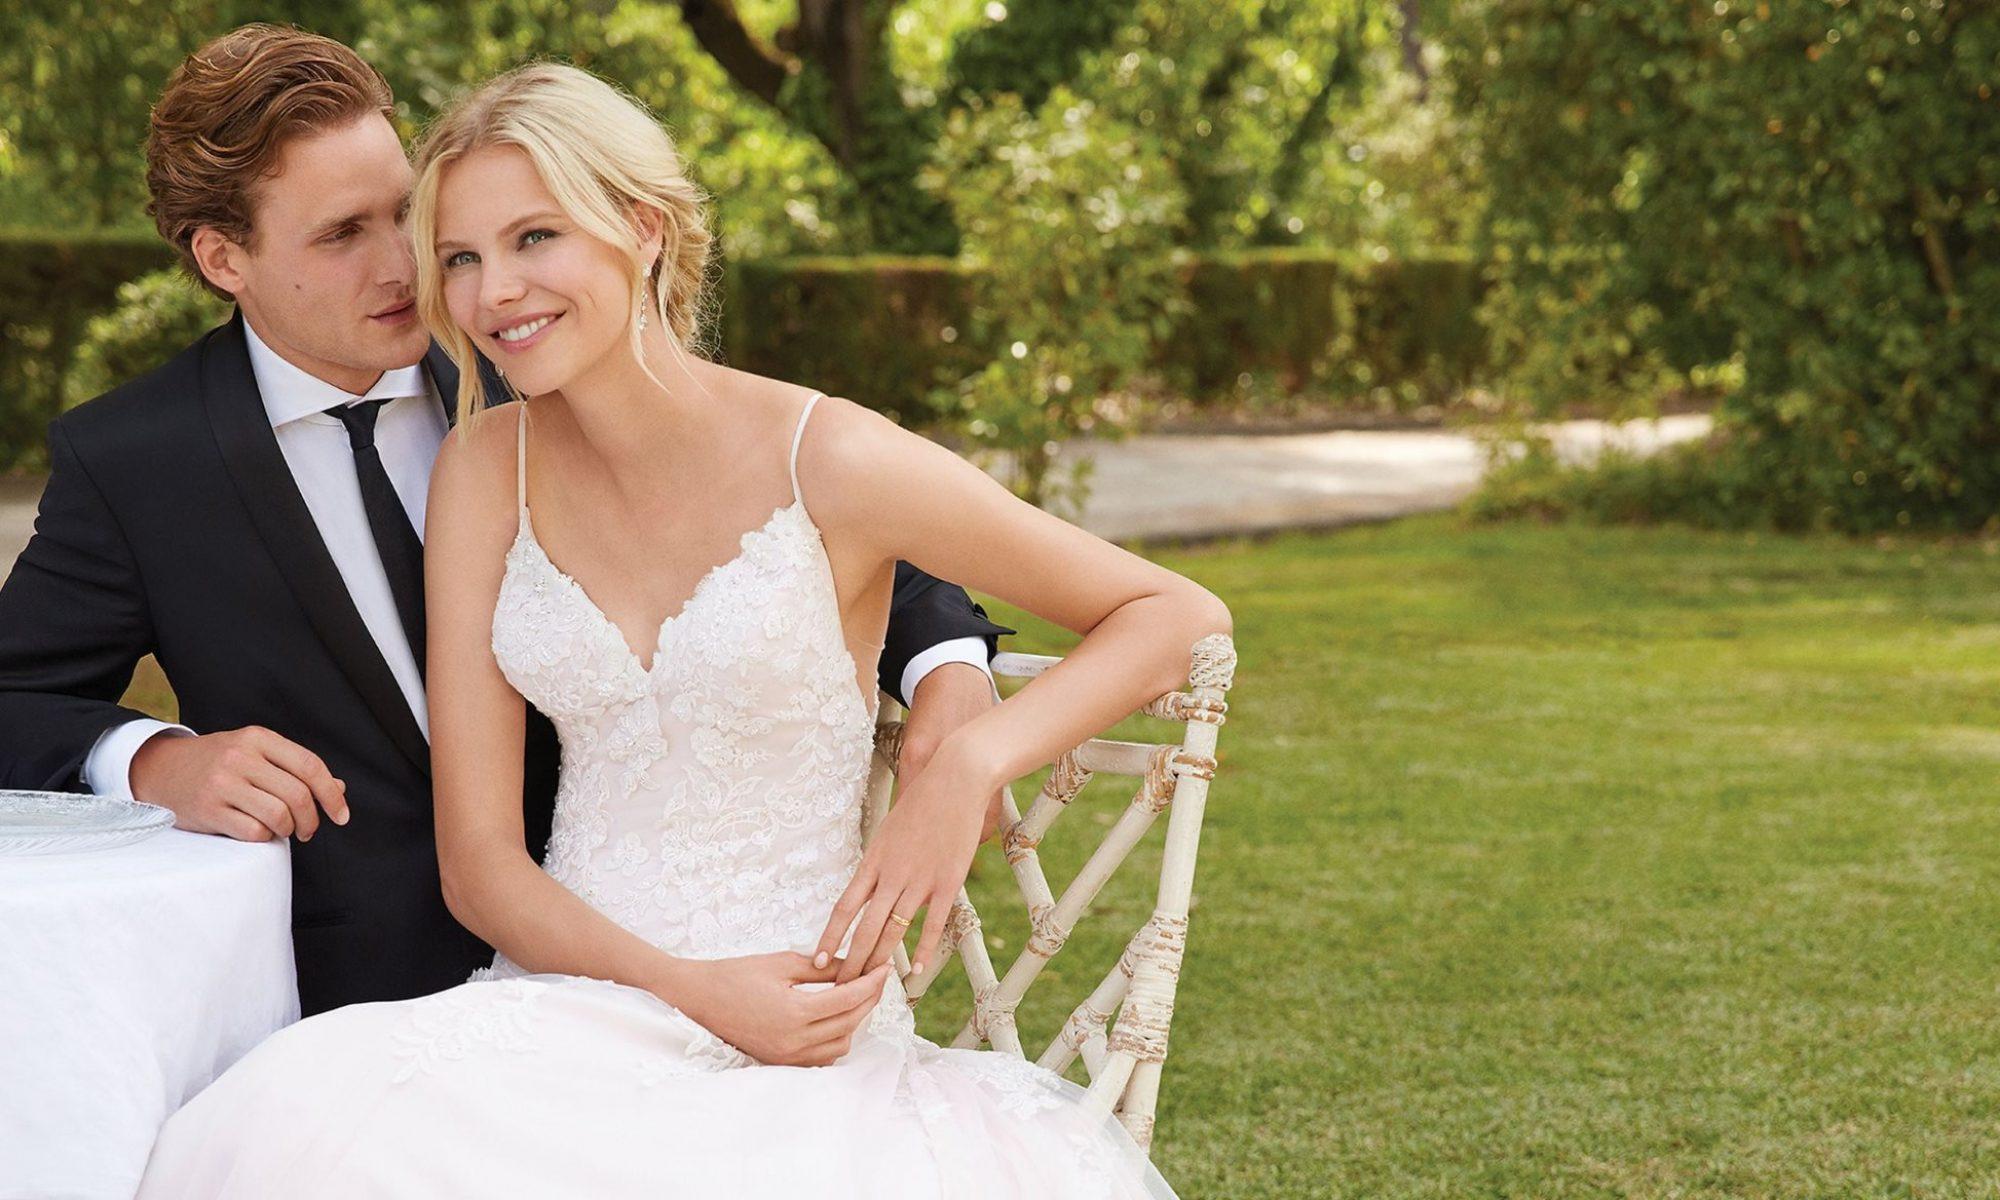 Brautissimo – Auf Dieser Hochzeitsseite Erfahren Sie Einiges